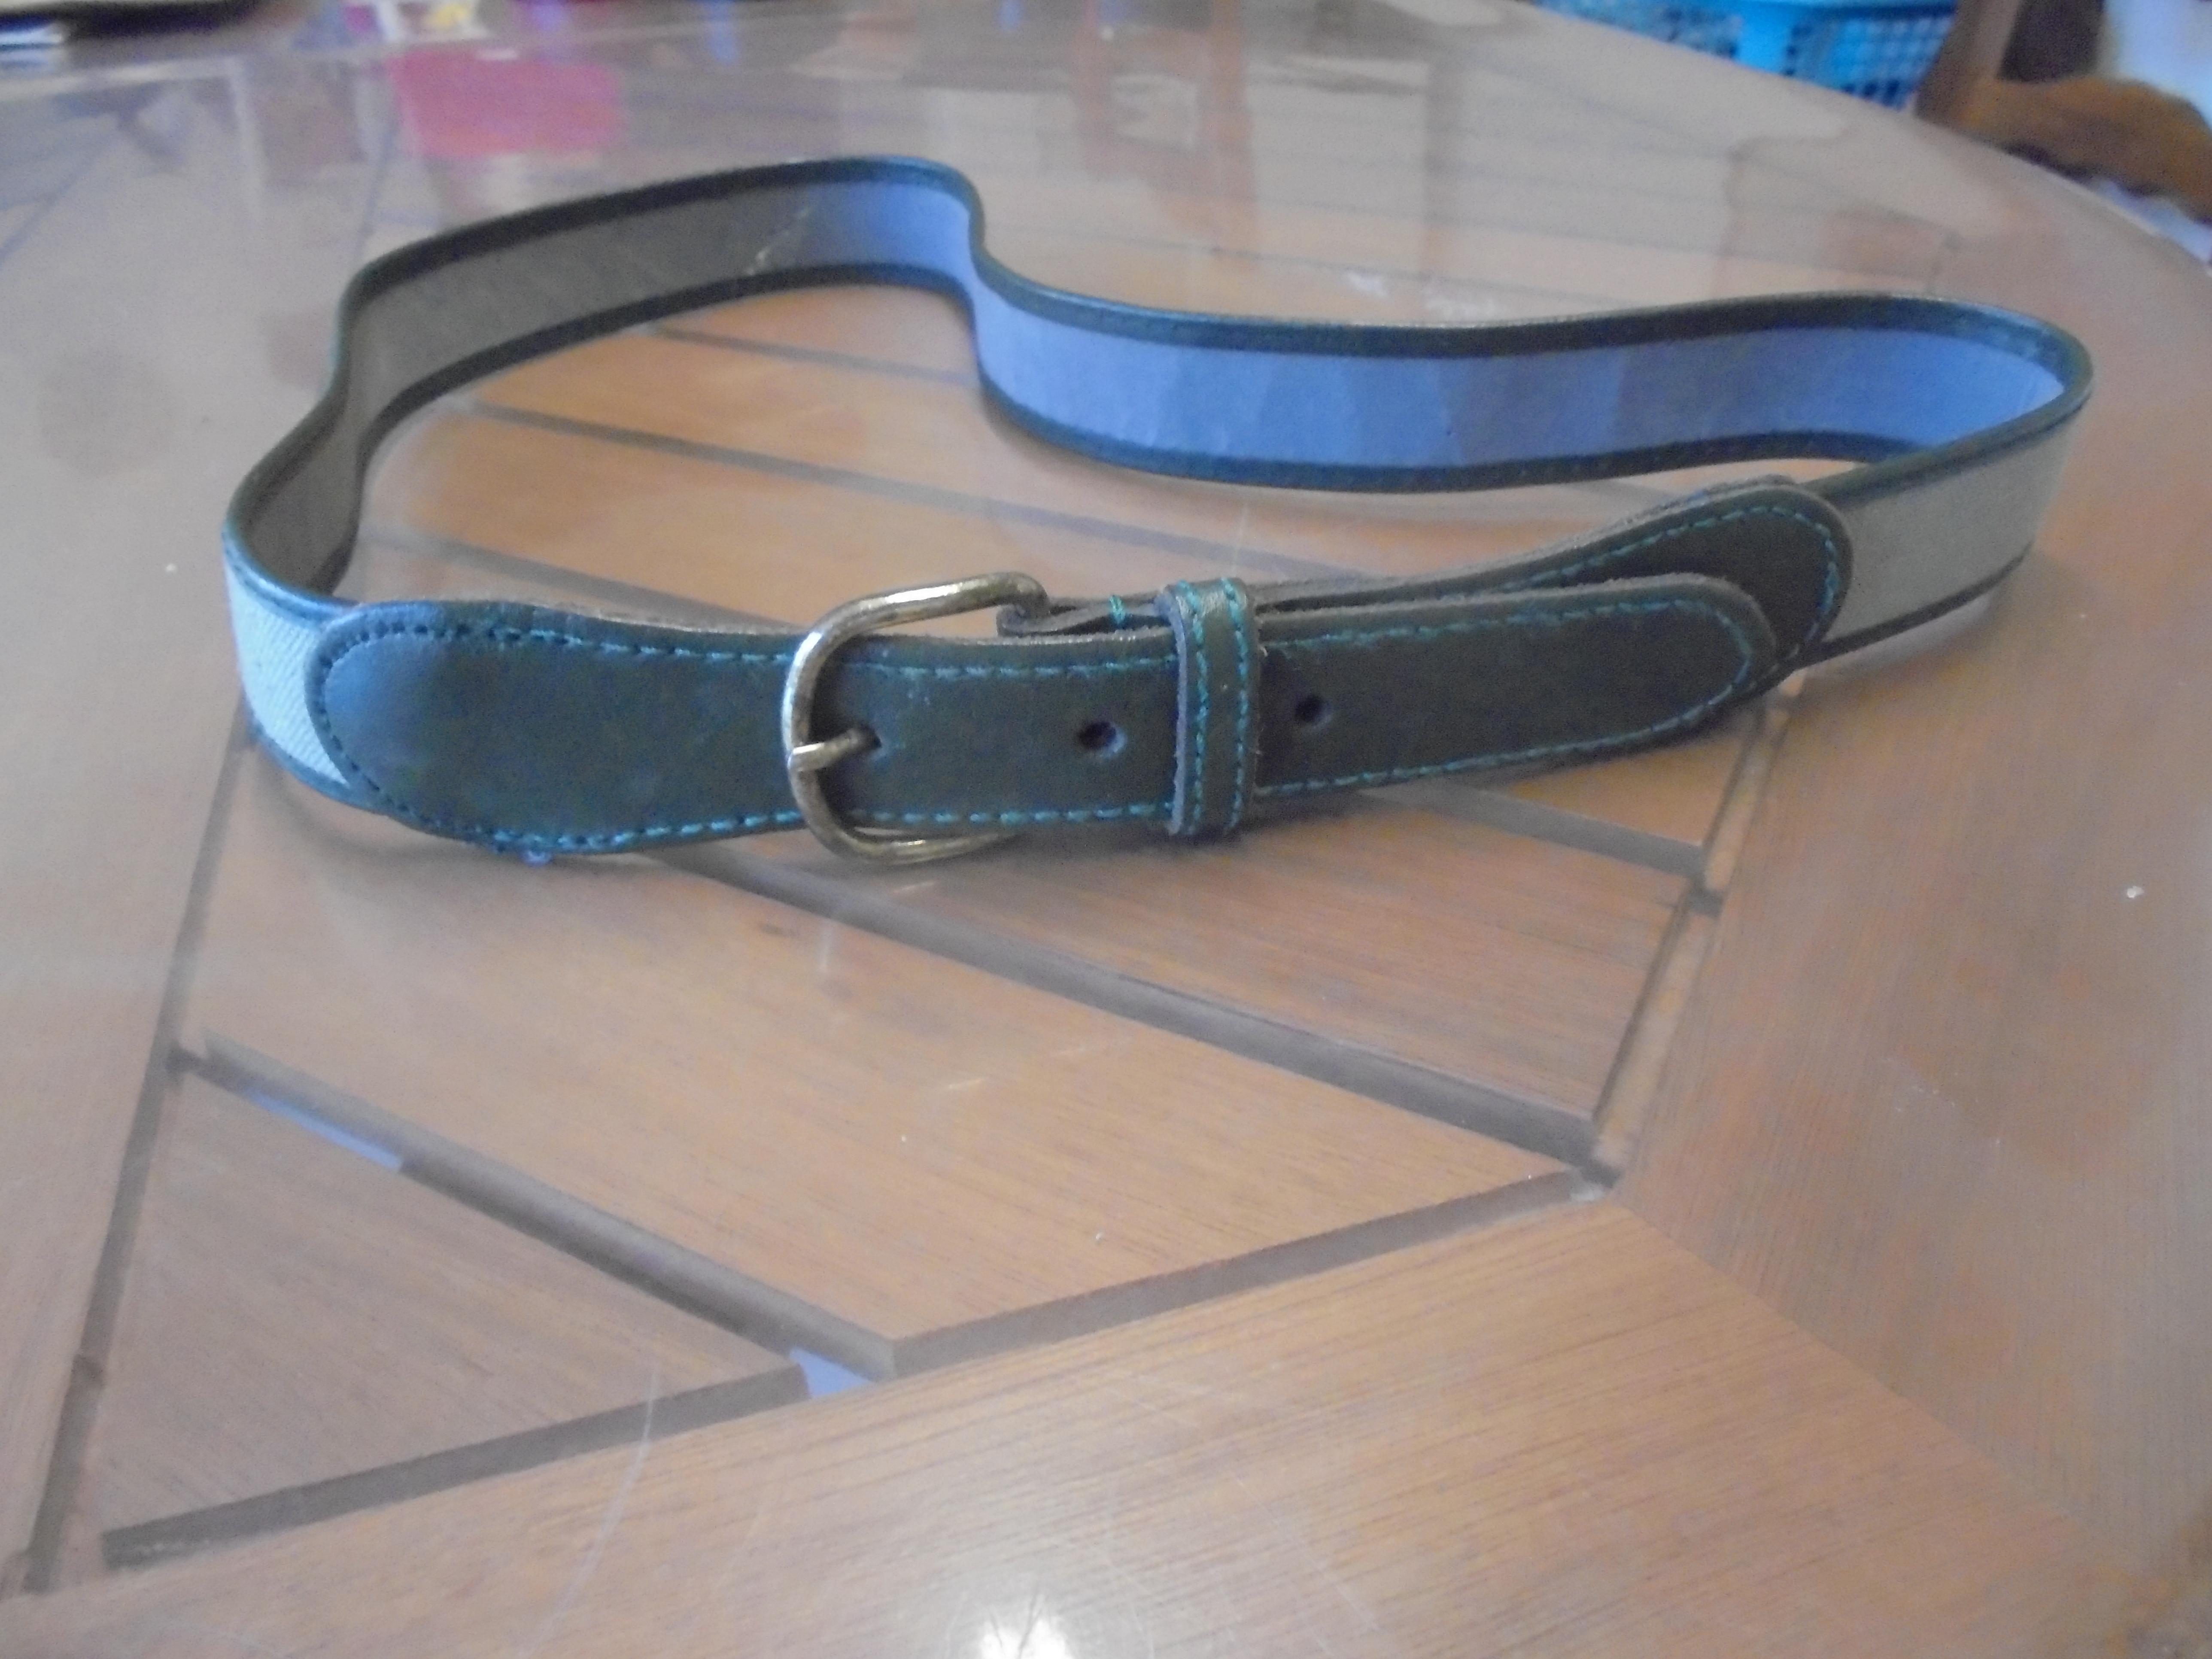 troc de troc ceinture grise longueur  90 cm largeur 2,5 cm  3  noisettes image 0